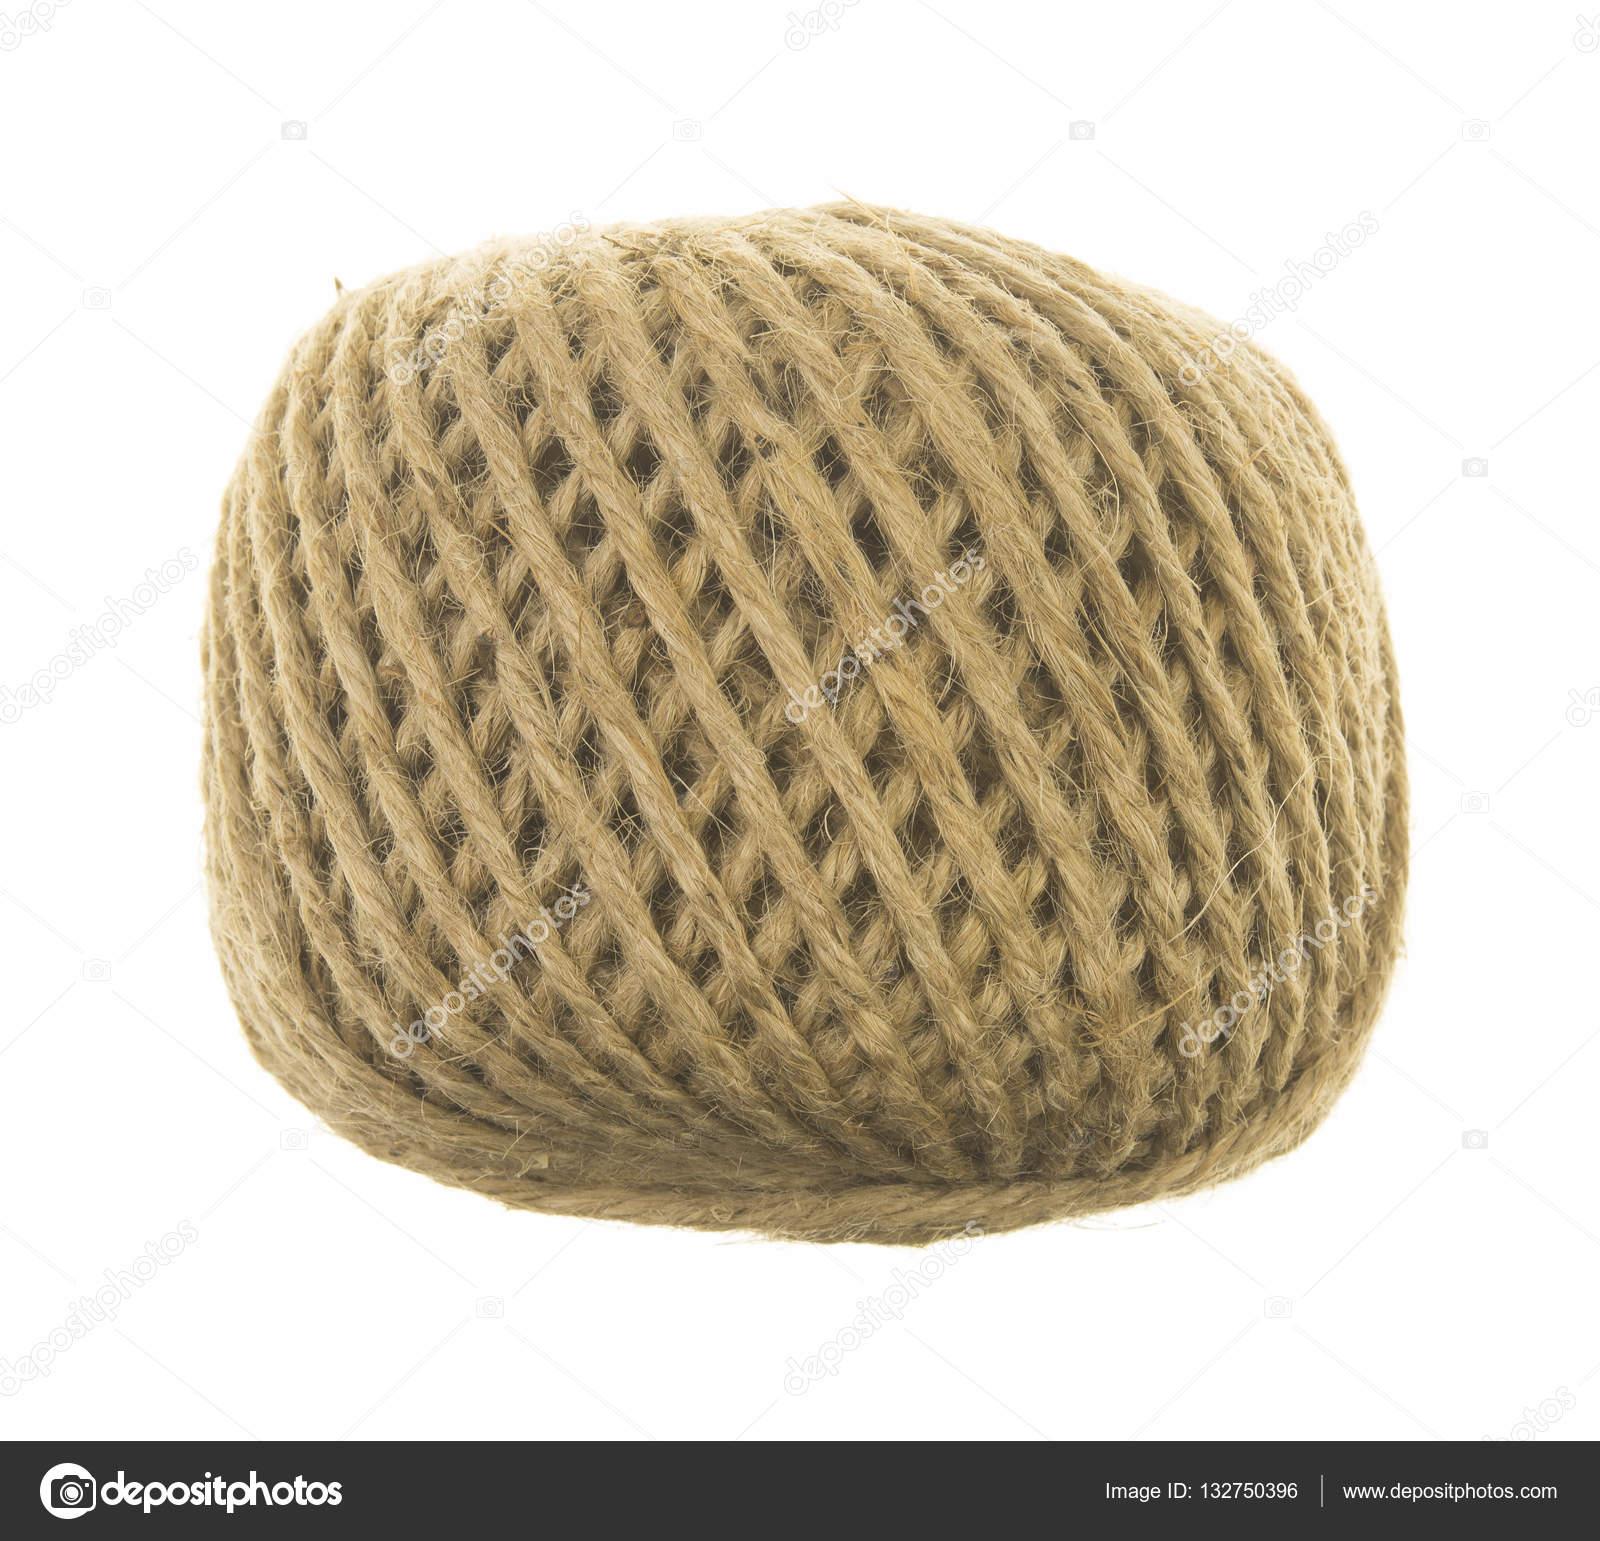 Cuerda de camo en blanco Fotos de Stock pockygallery 132750396